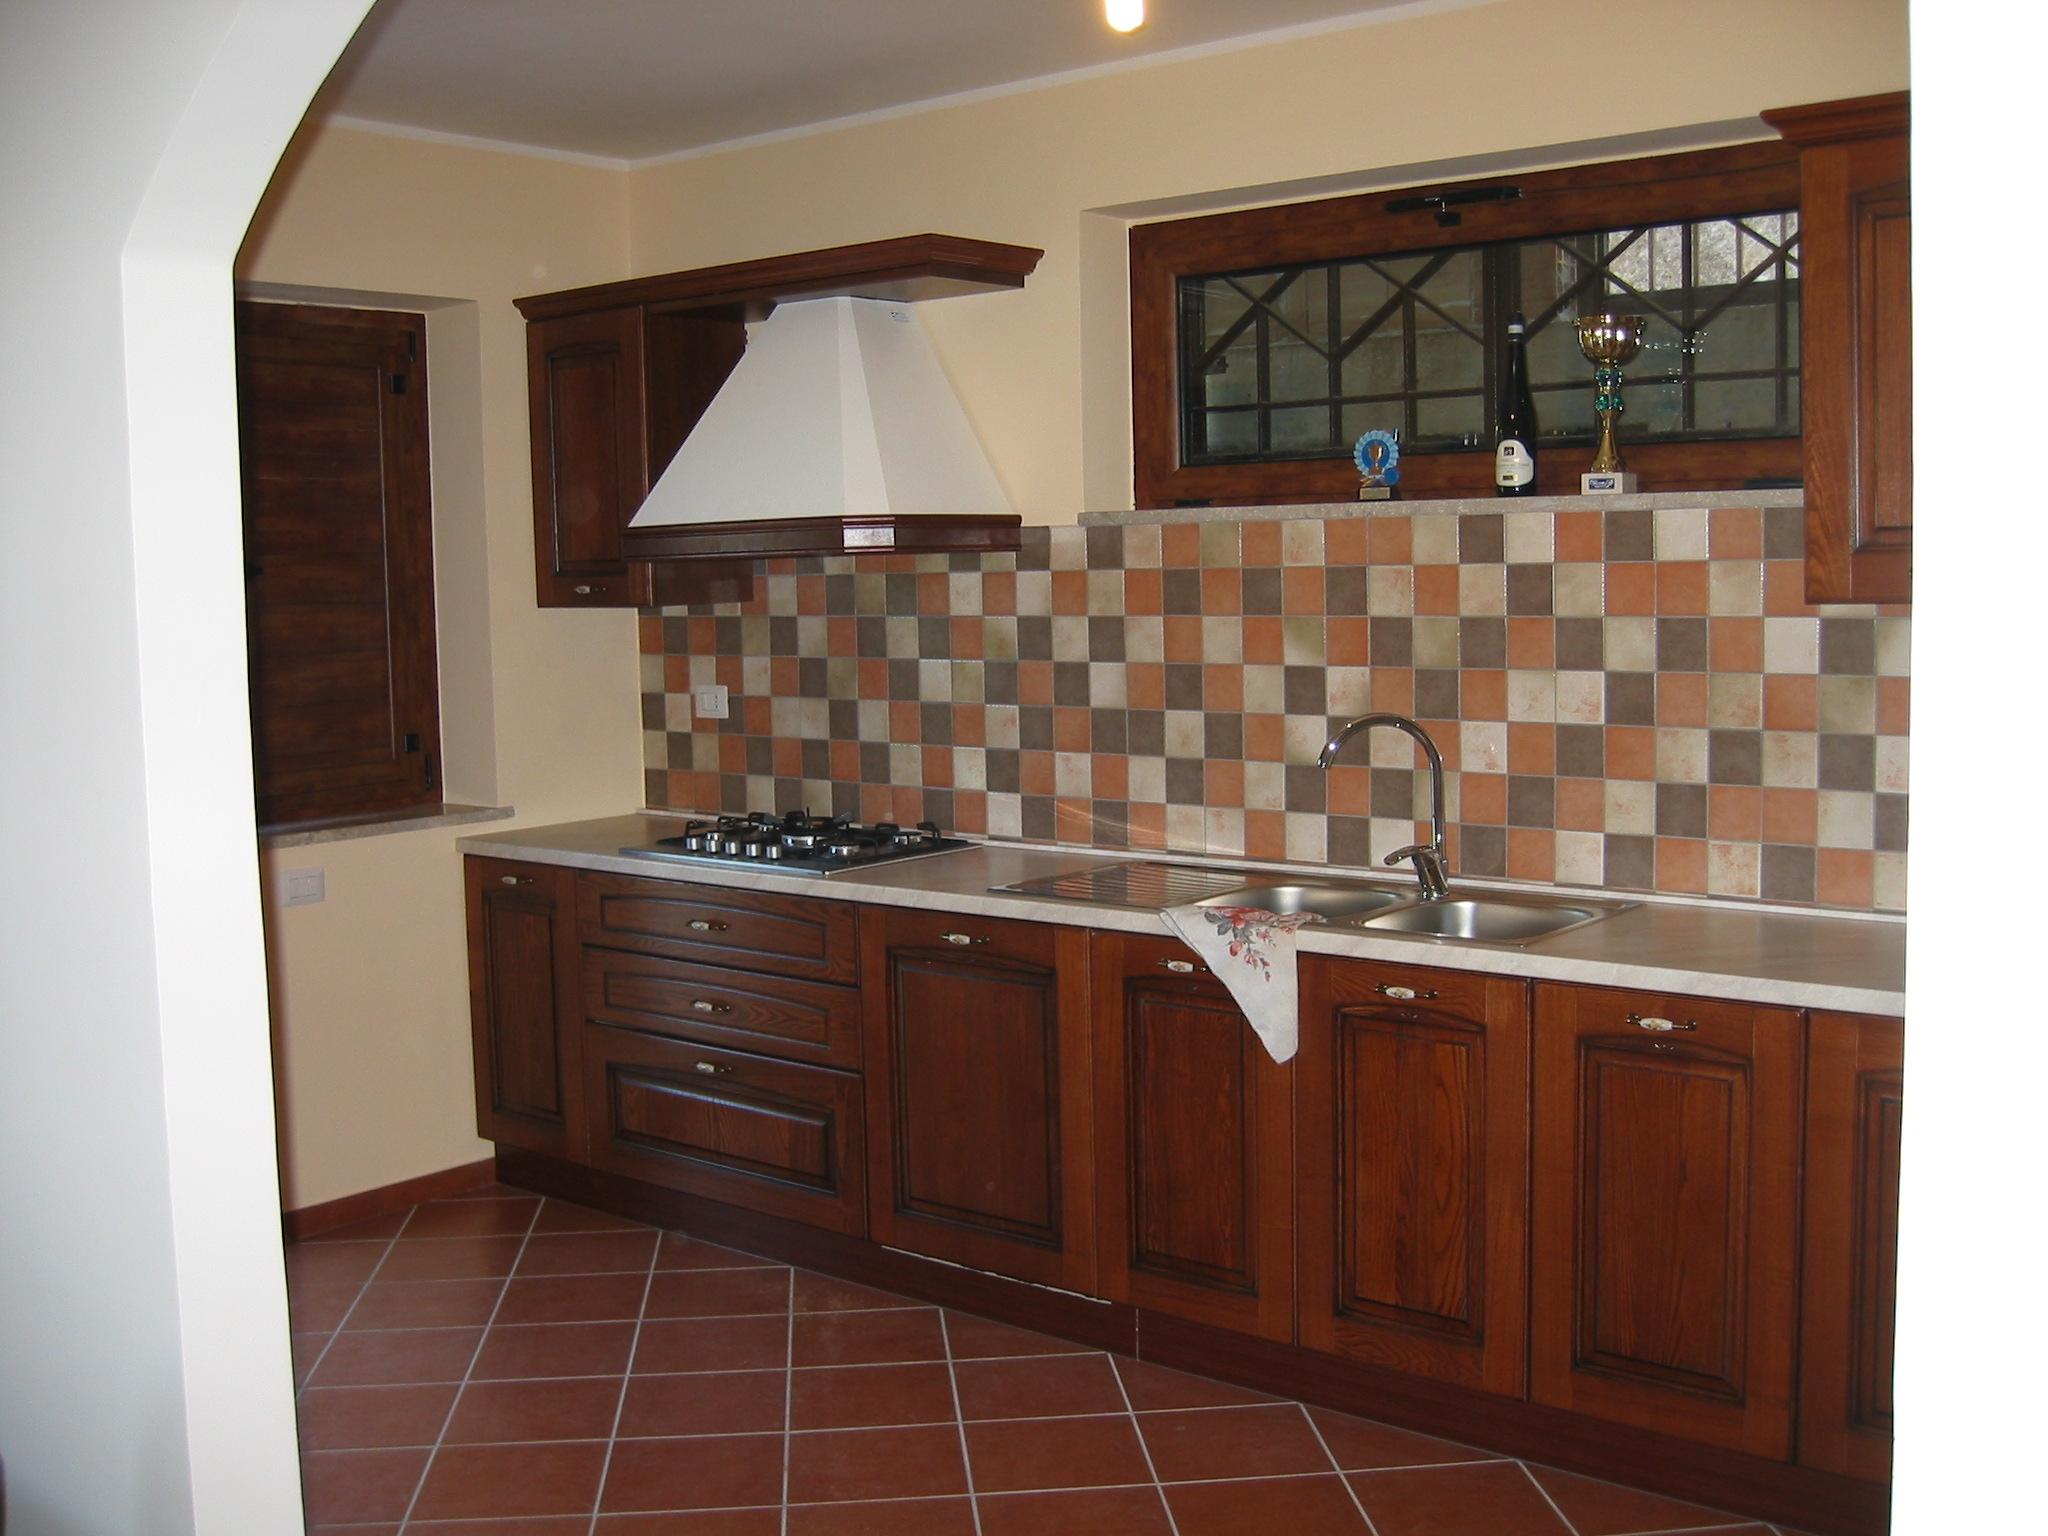 Cucina stile classico lineare in legno con - Cucina con elettrodomestici ...